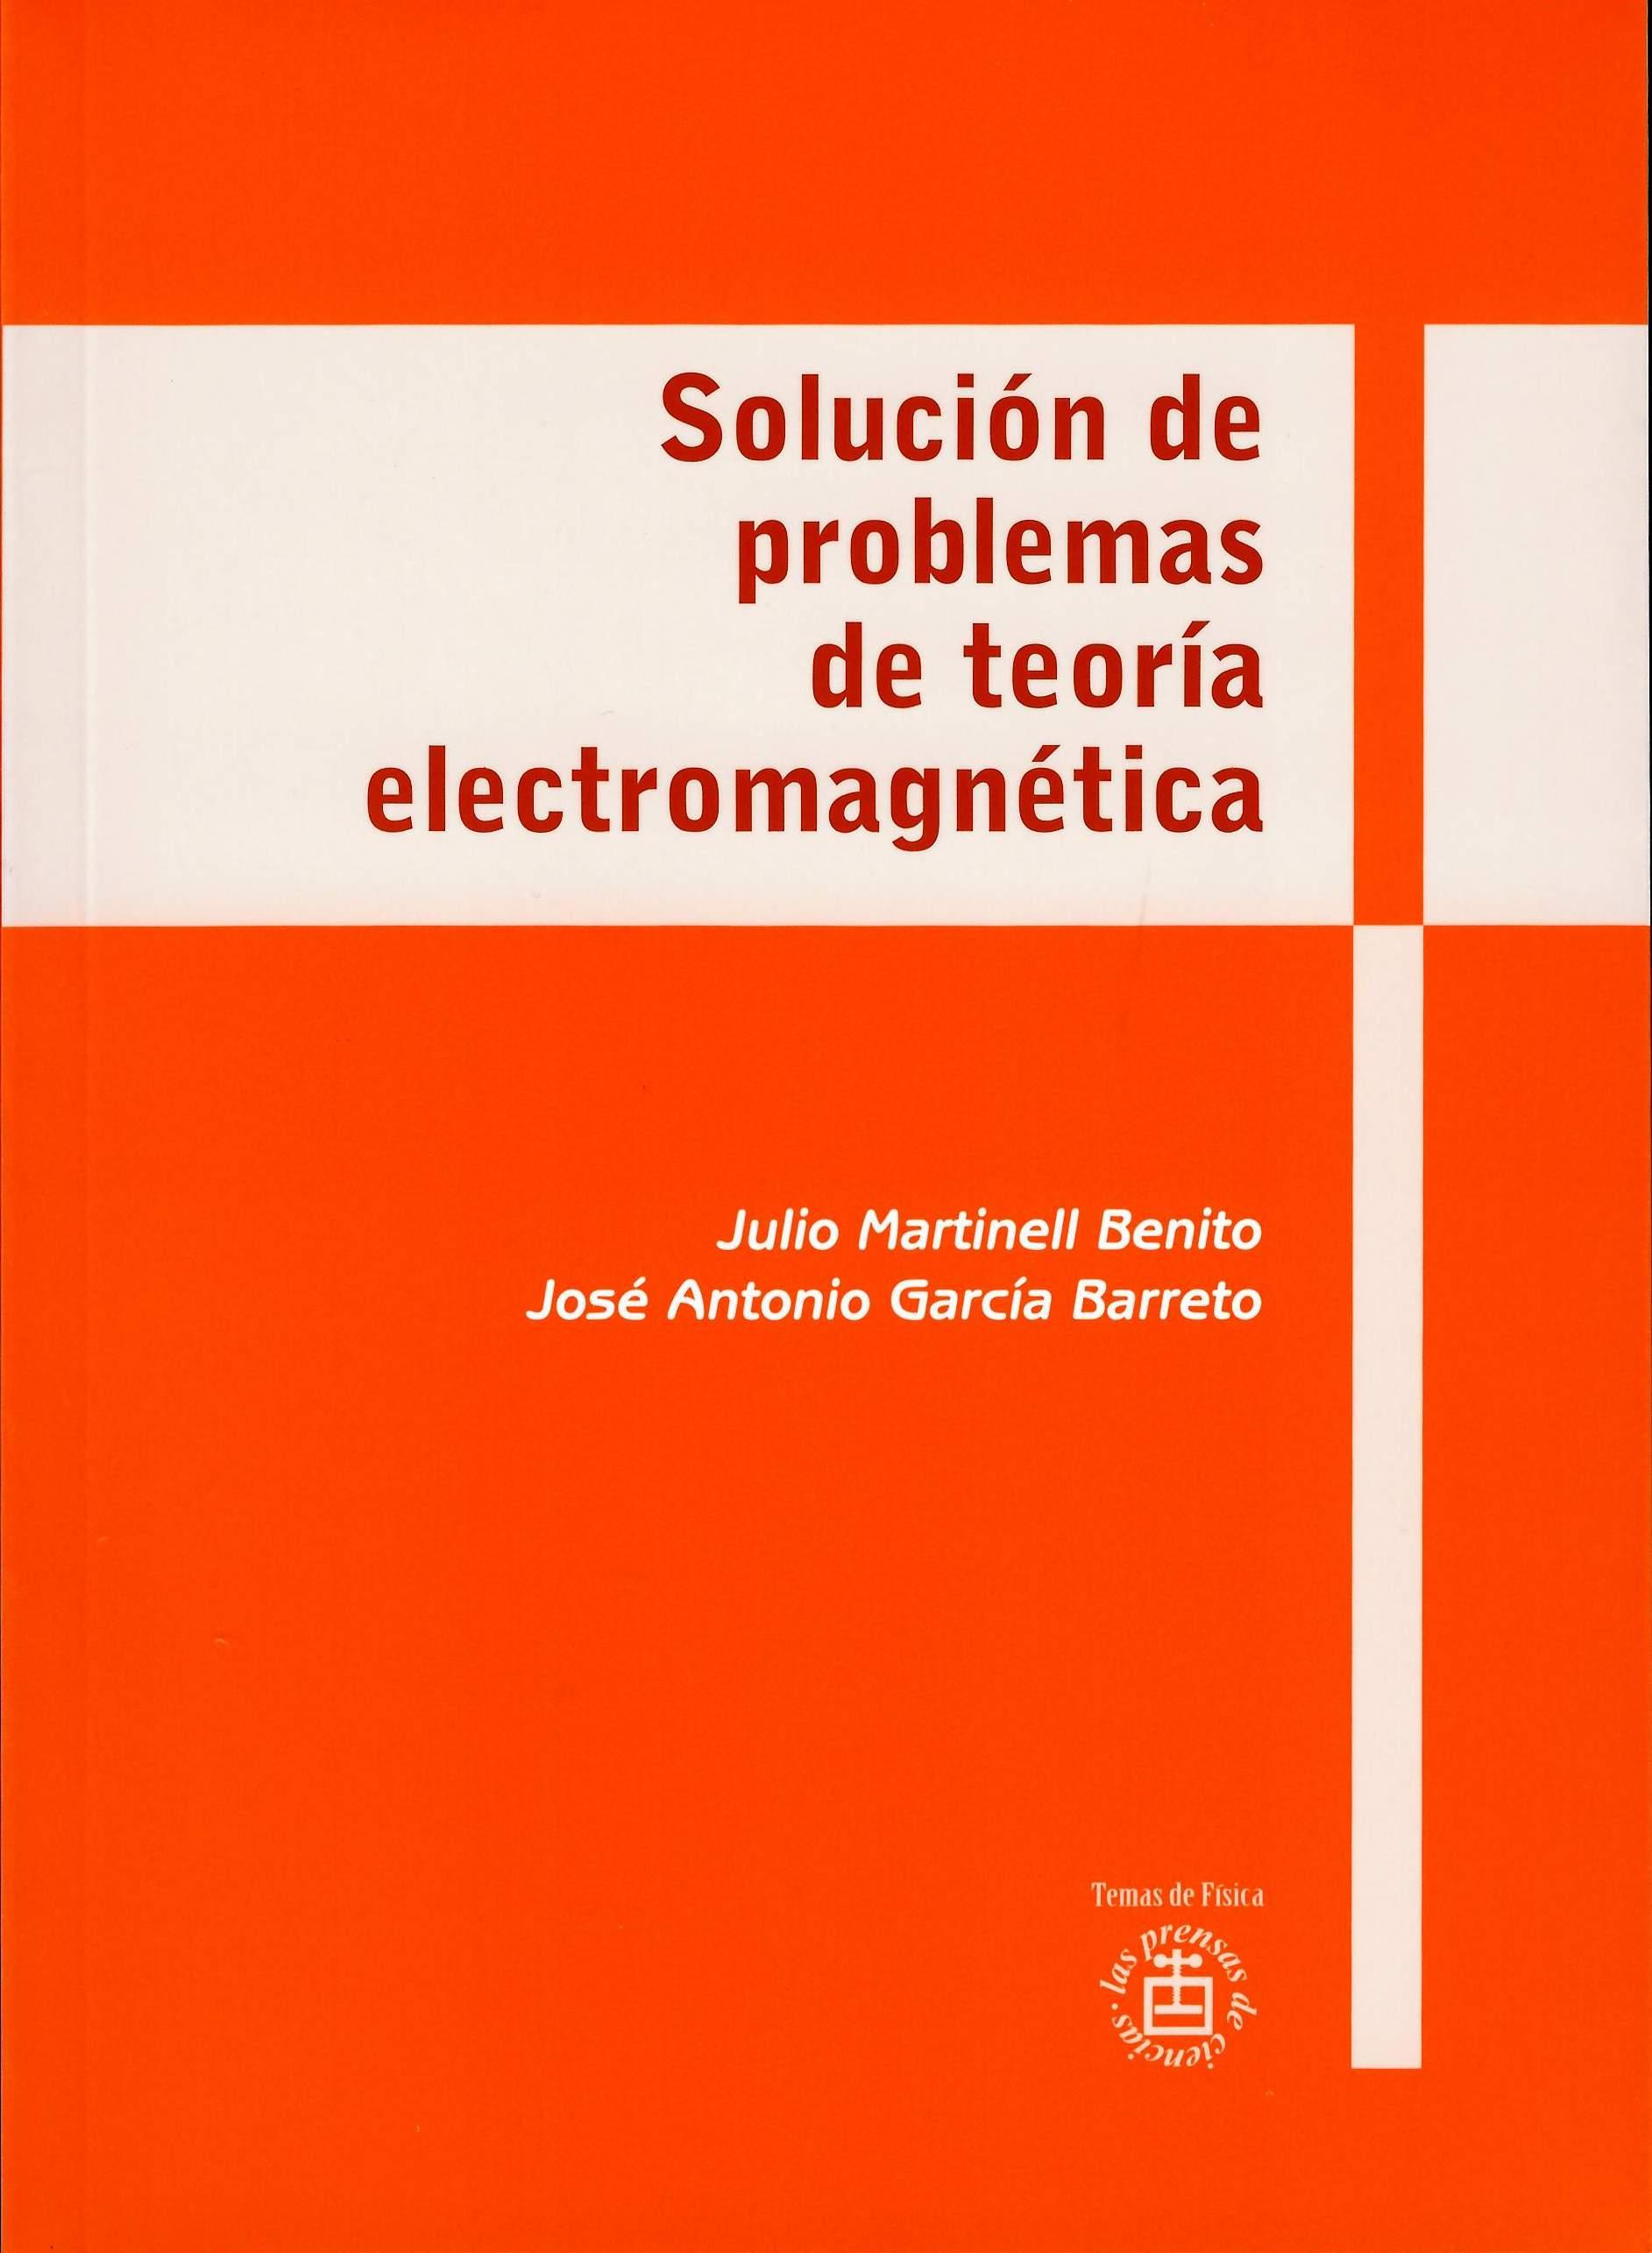 Solución de problemas de teoría electromagnética